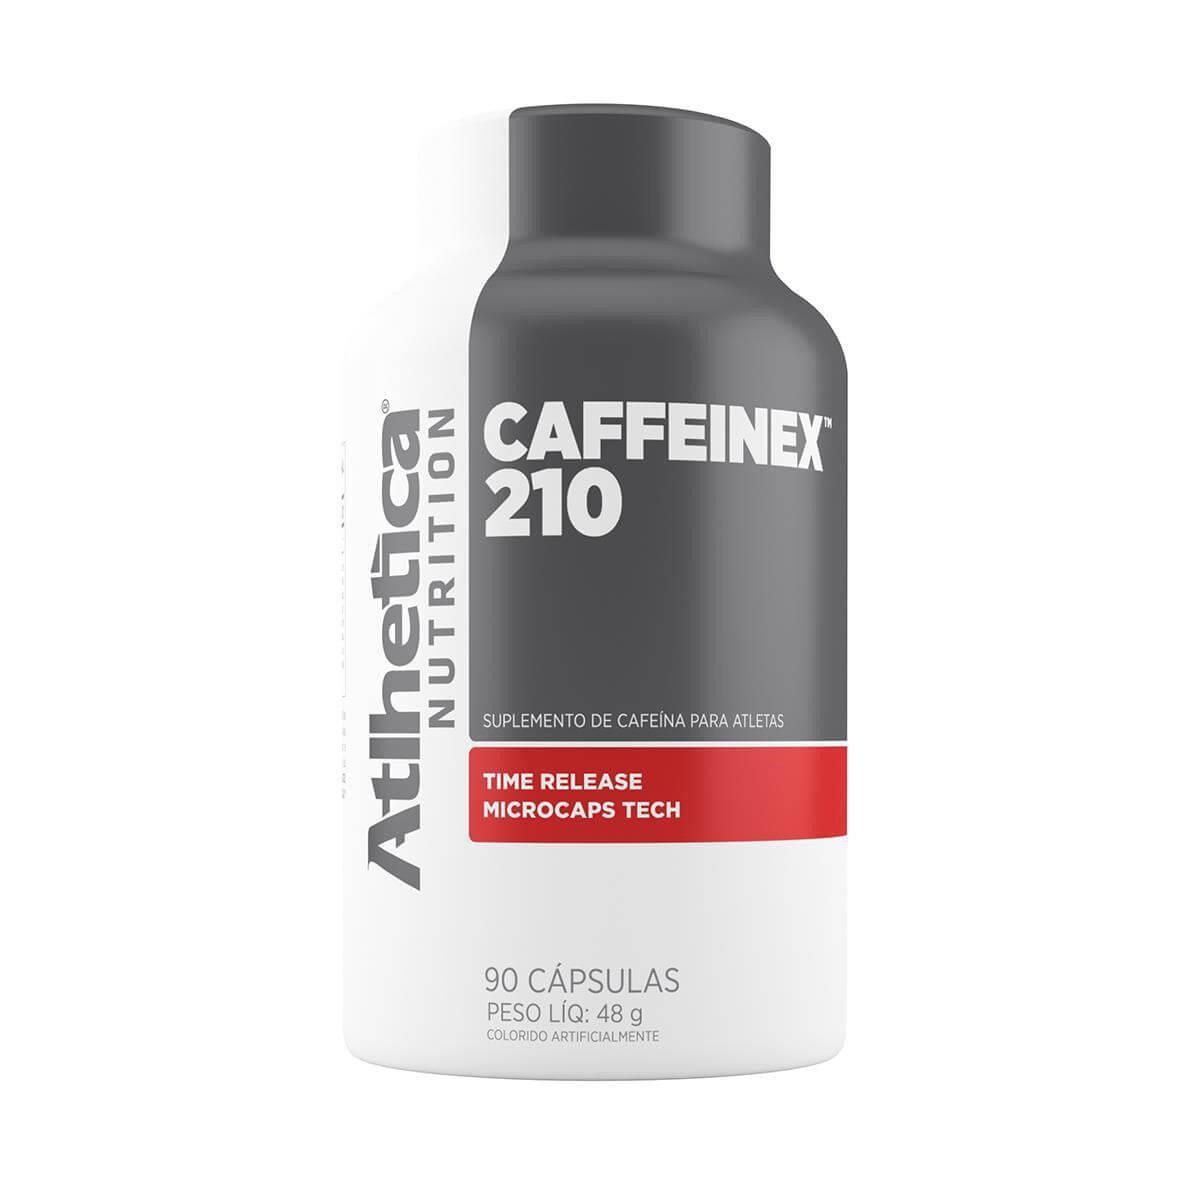 Caffeinex 210 90 caps